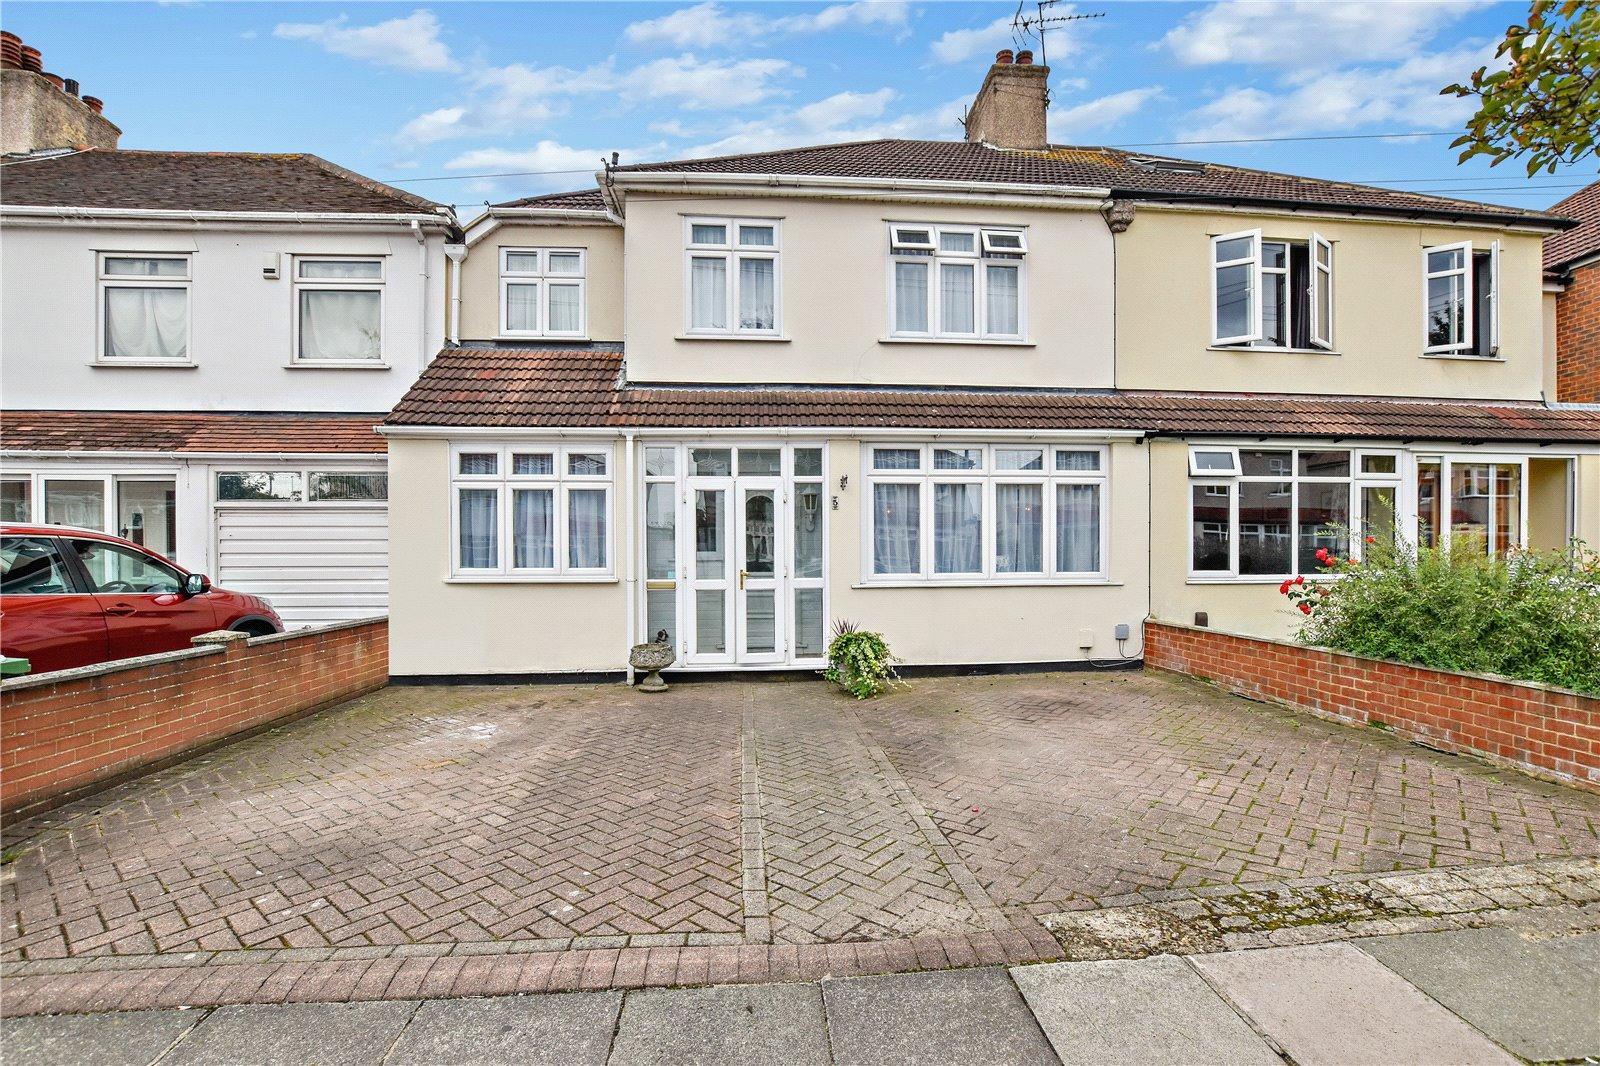 Winchelsea Avenue, Bexleyheath, Kent, DA7